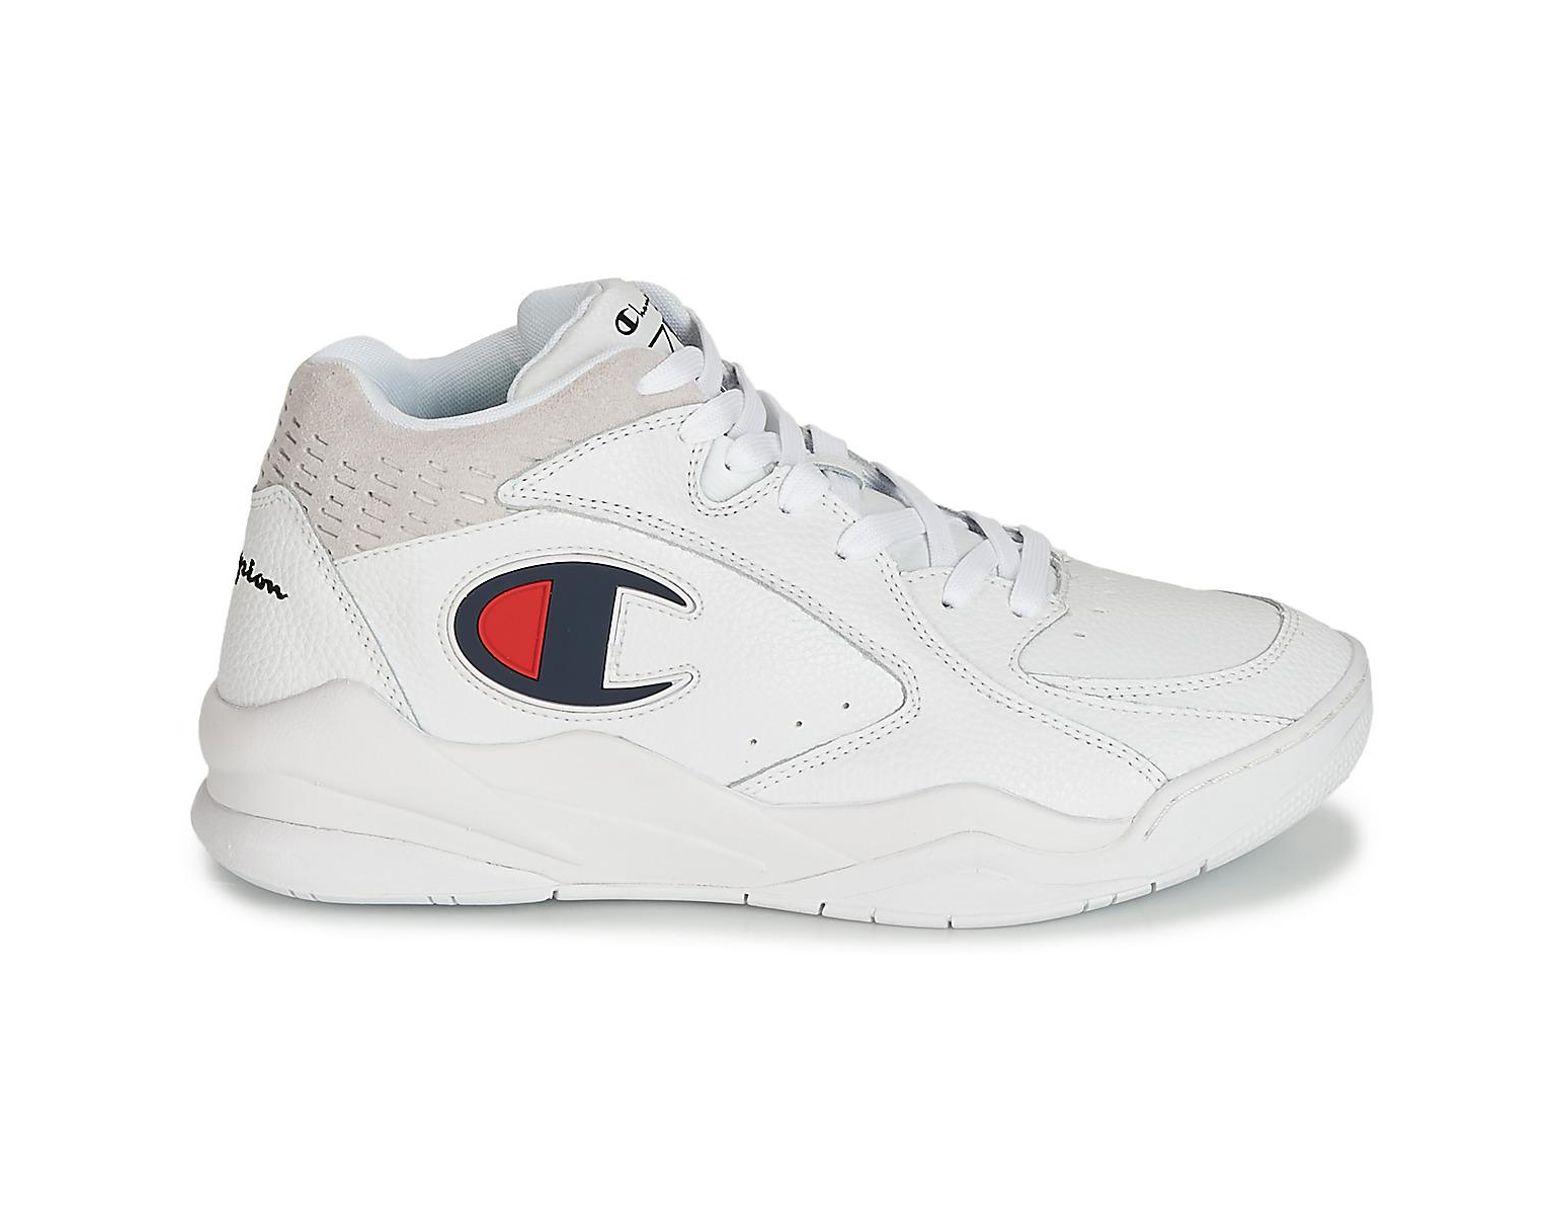 80953a8a4da72 Hommes Homme En Pour Chaussures Mid Champion Zone Blanc Coloris LMpGzVqUS